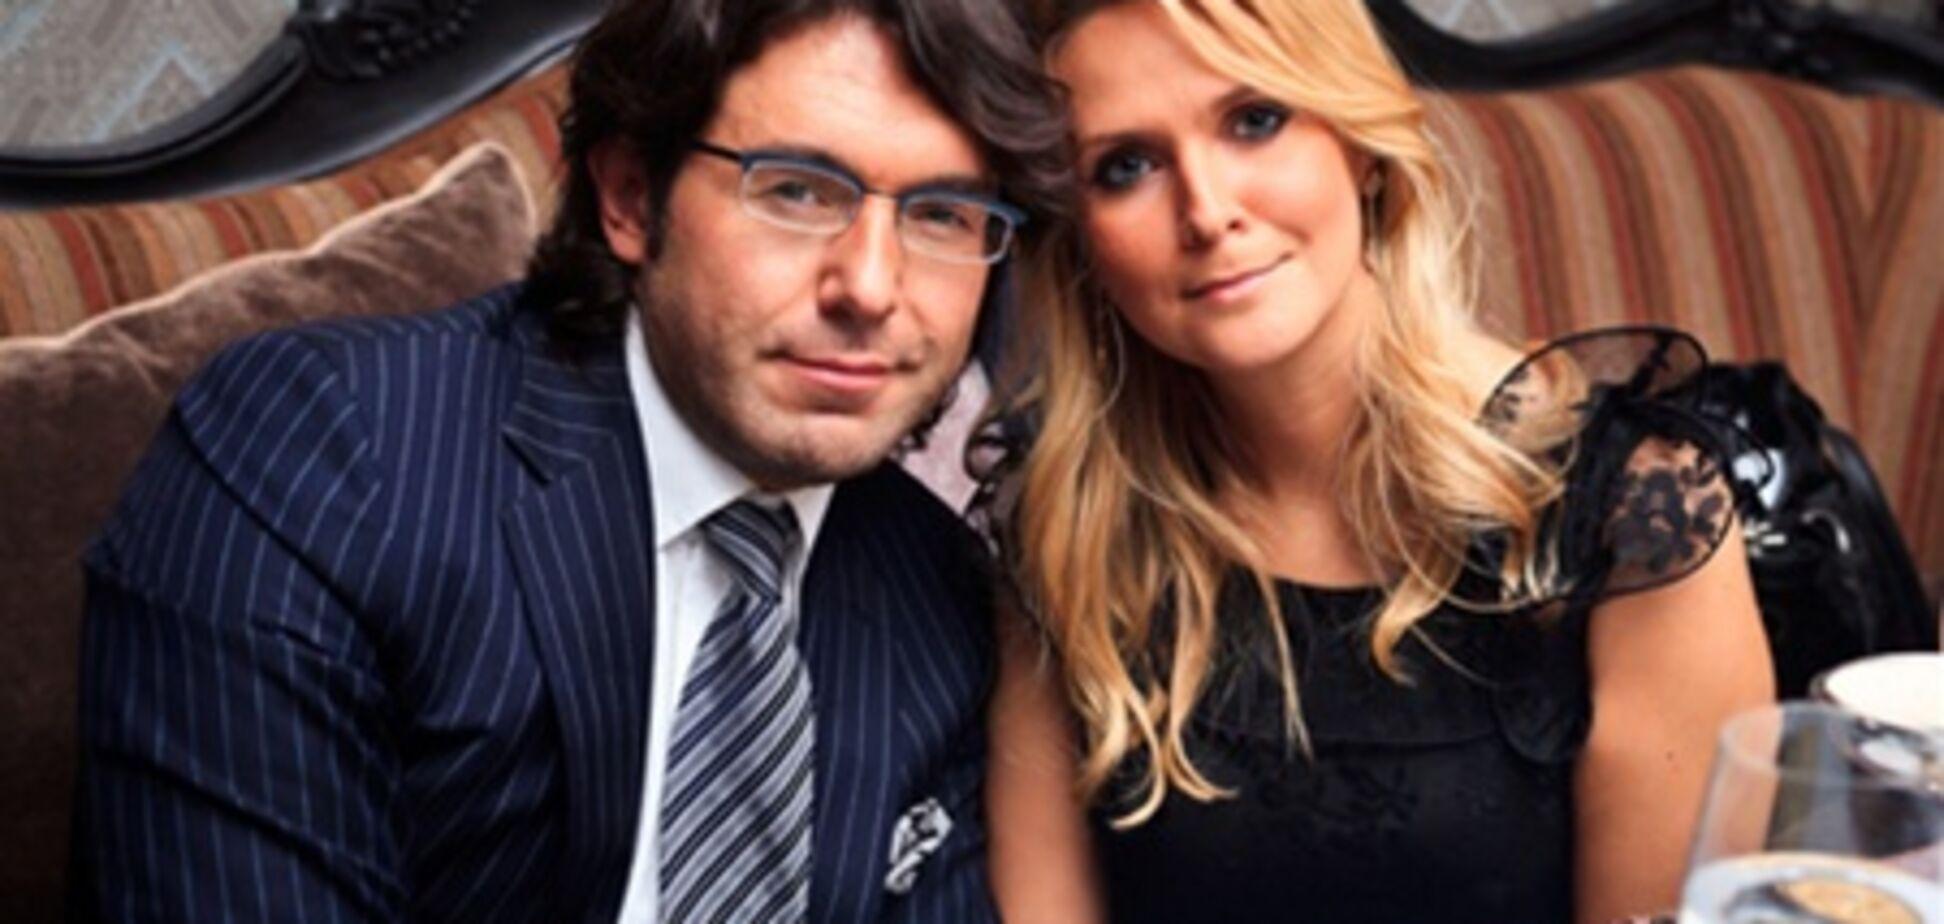 ЗМІ: Андрій Малахов розлучається з дружиною